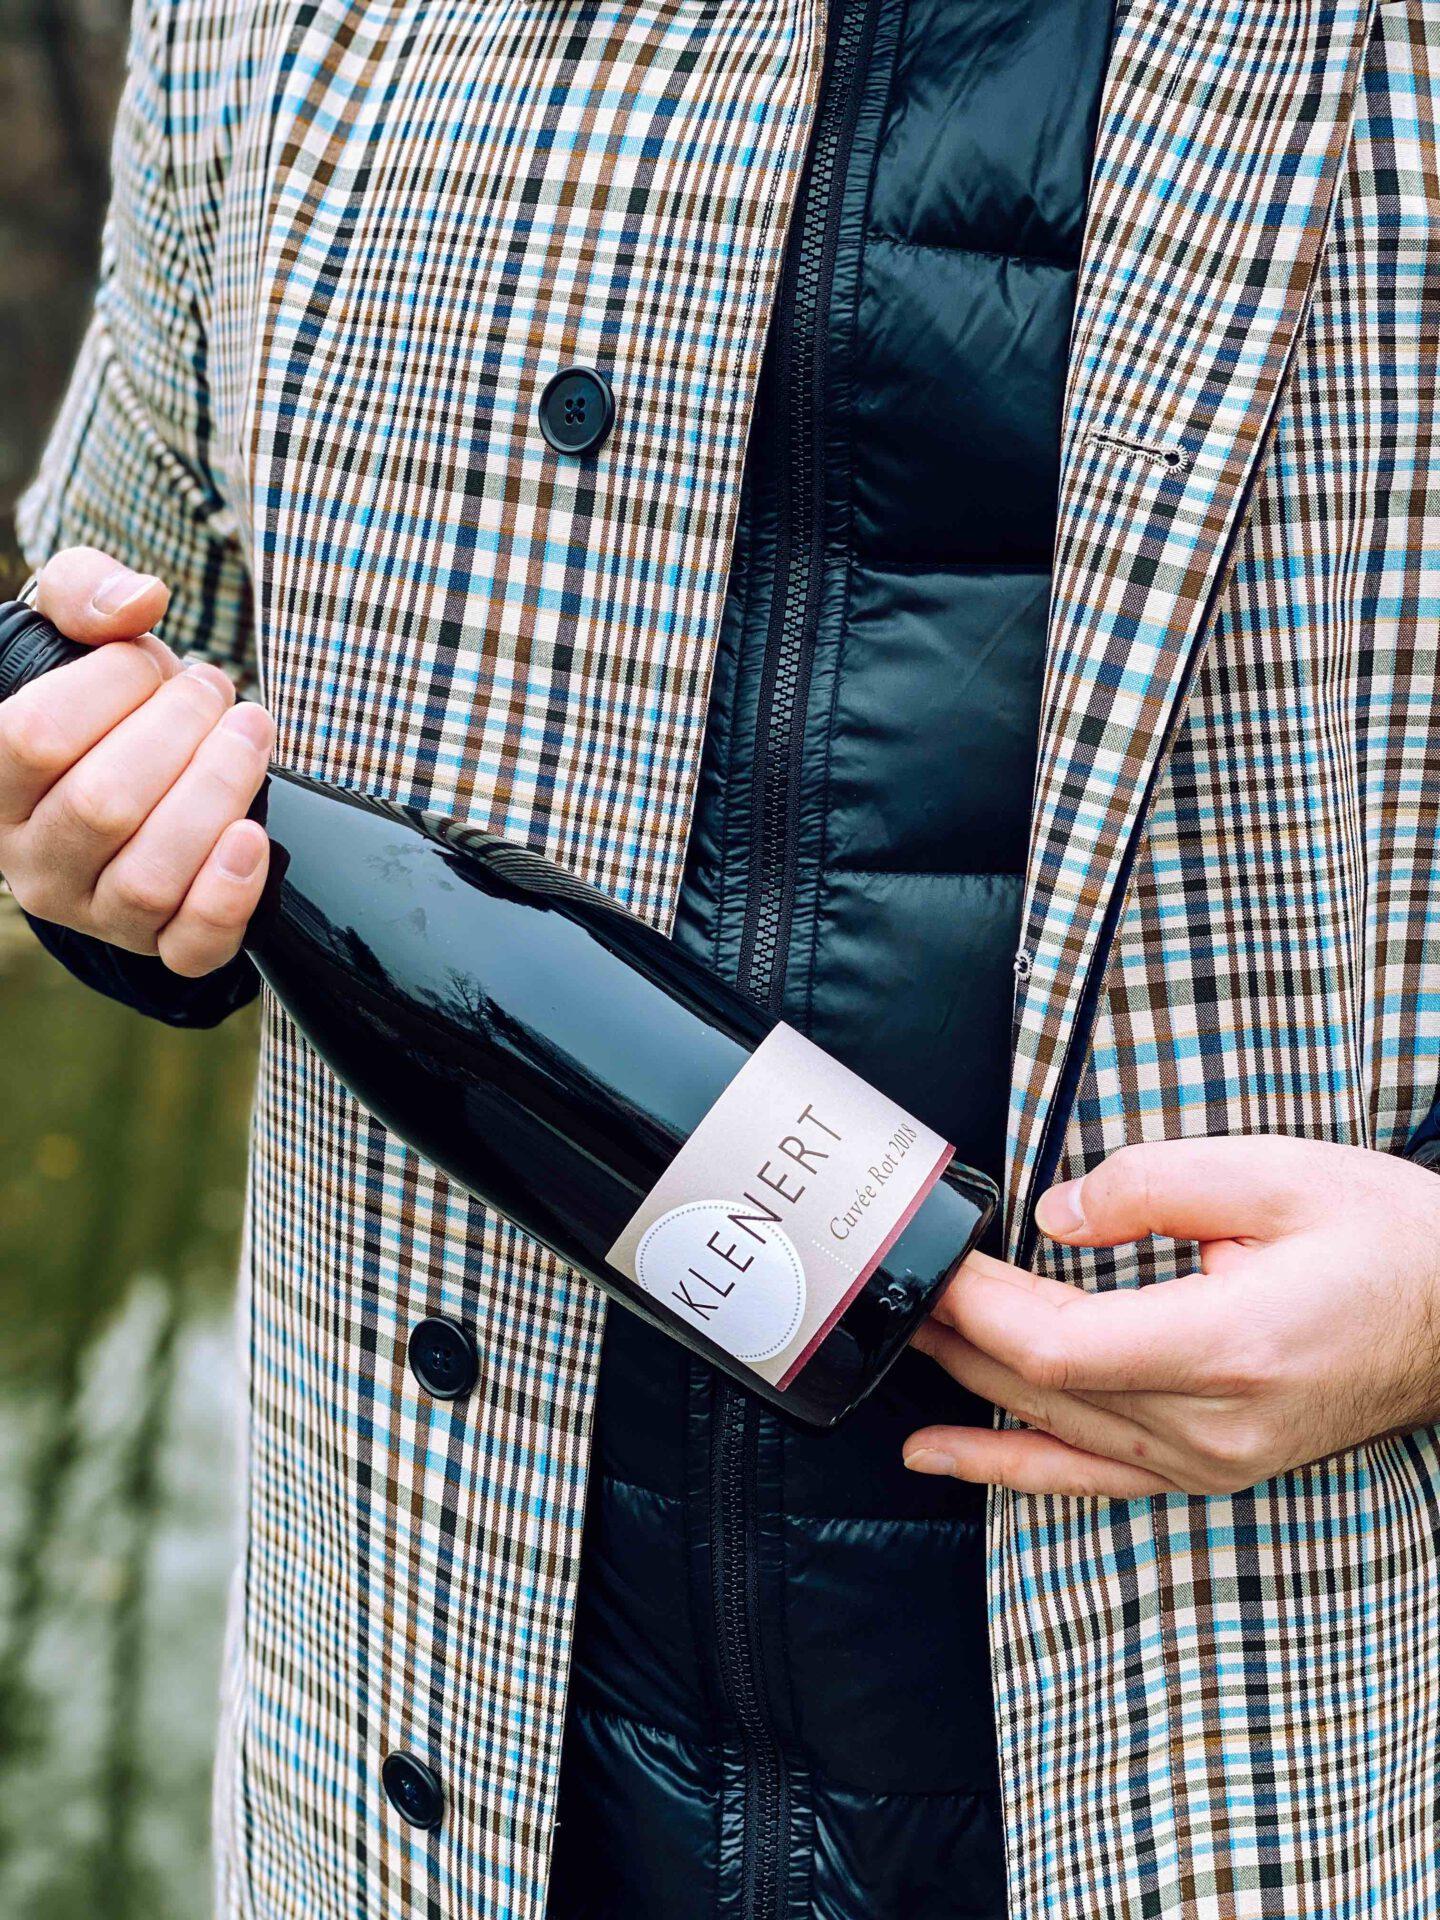 david klenert cuvée rot rotwein baden weinkaufsliste Wein-Geheimtipps